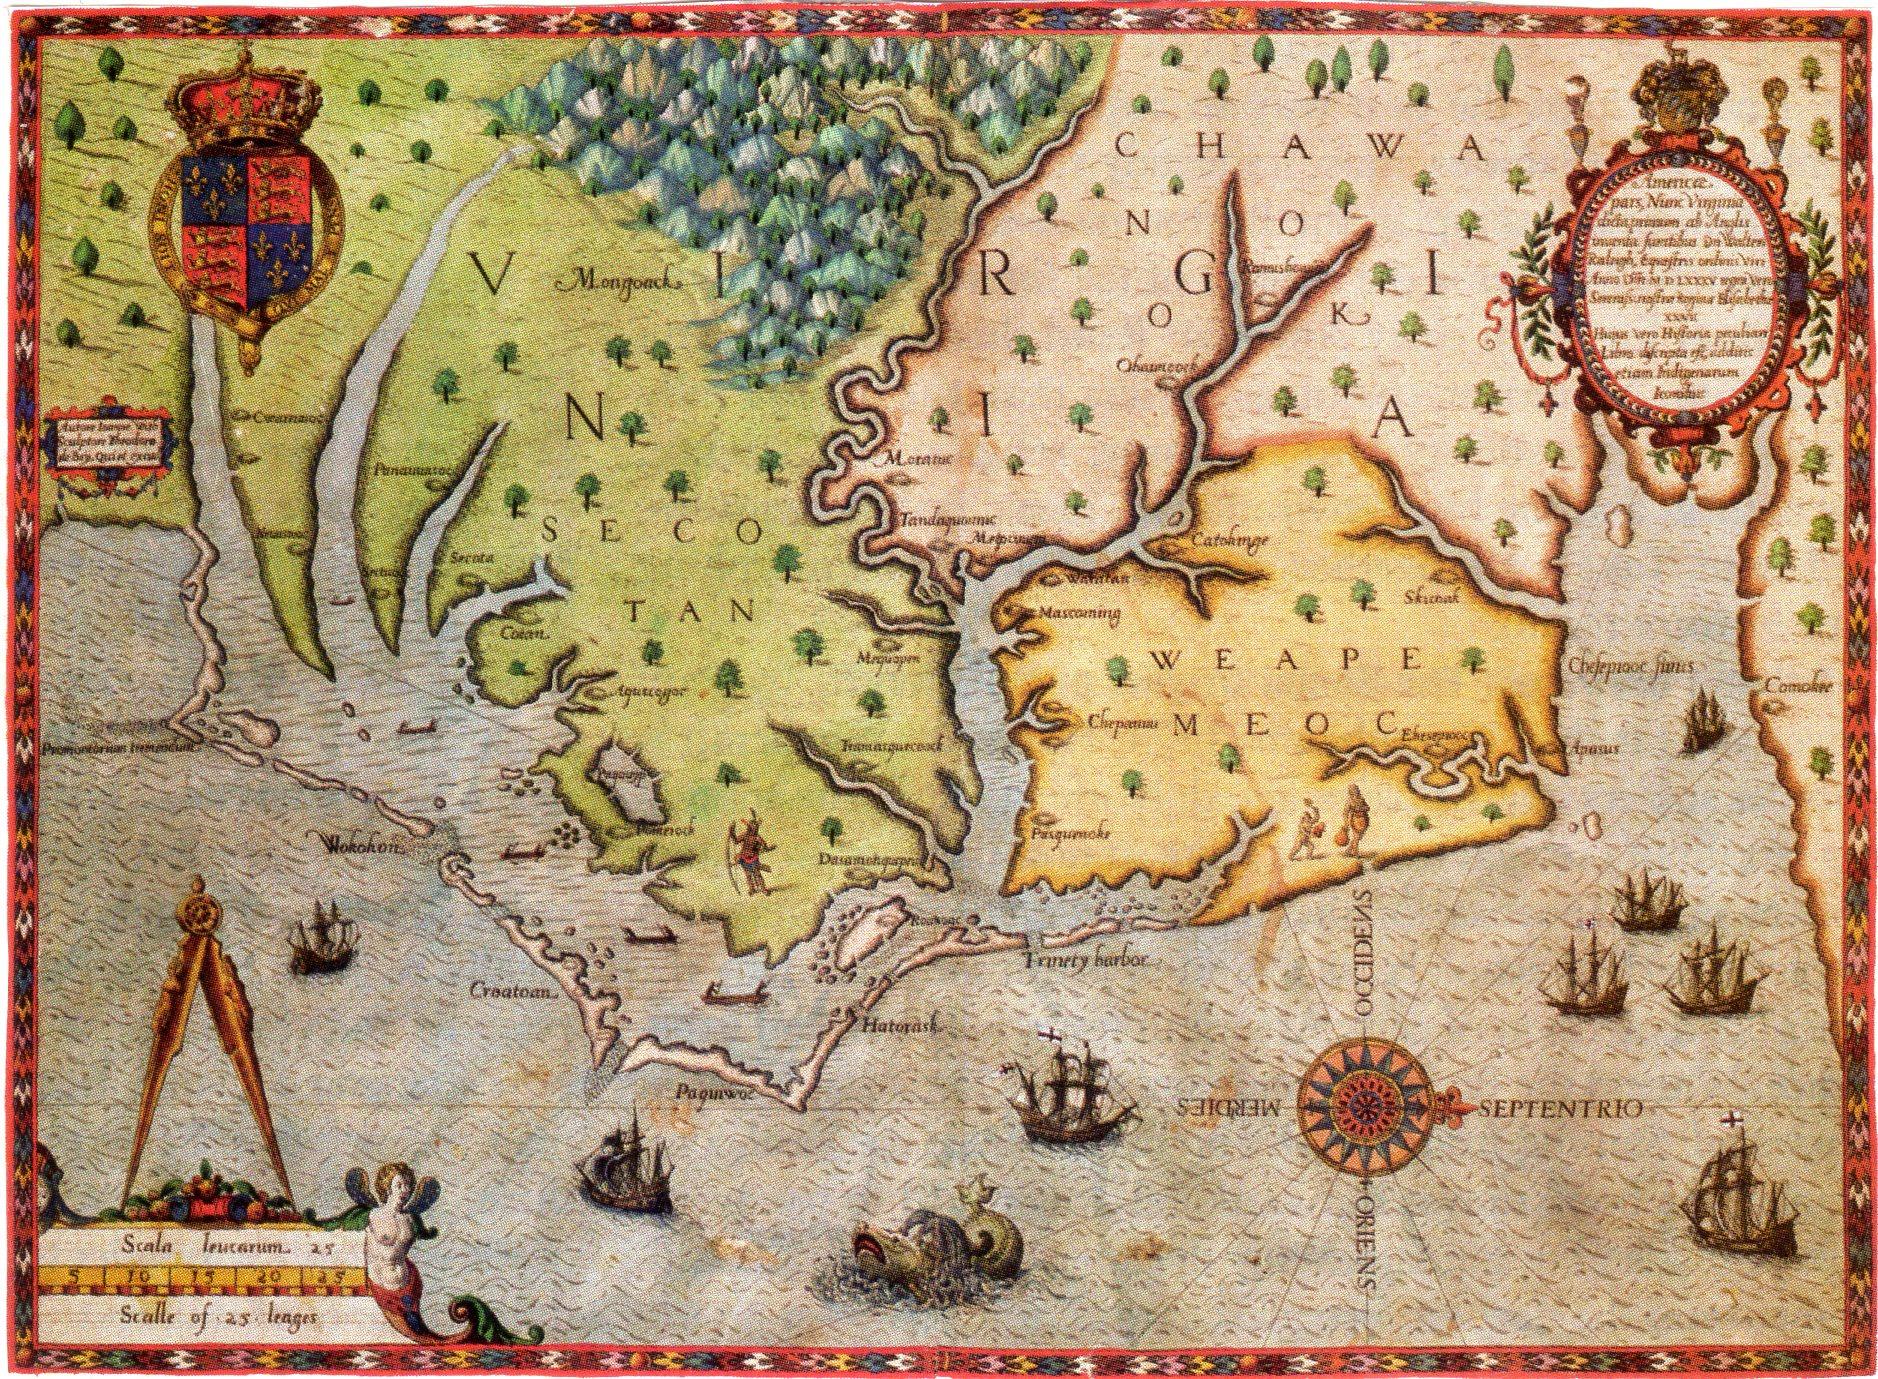 Vintage Rhode Island Poster Image